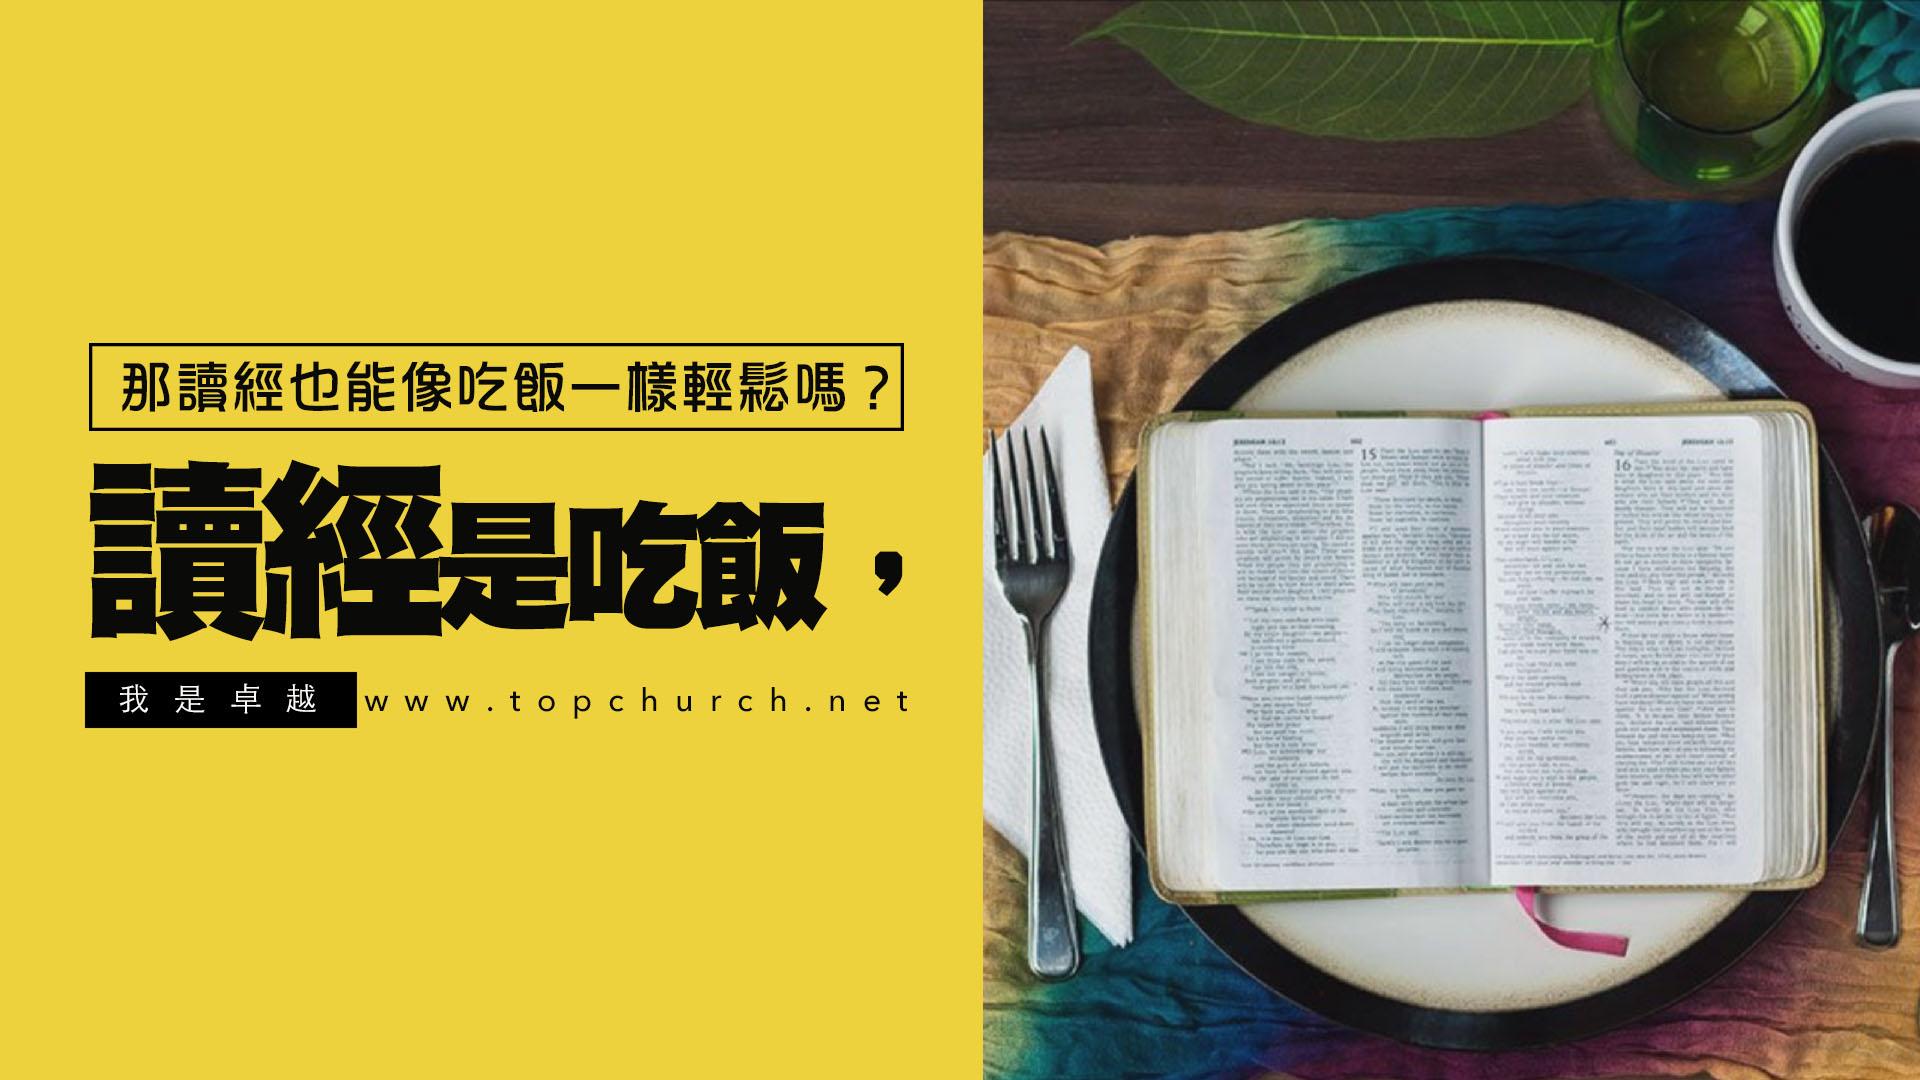 讀經也能像吃飯一樣輕鬆?快留言小編私訊送你